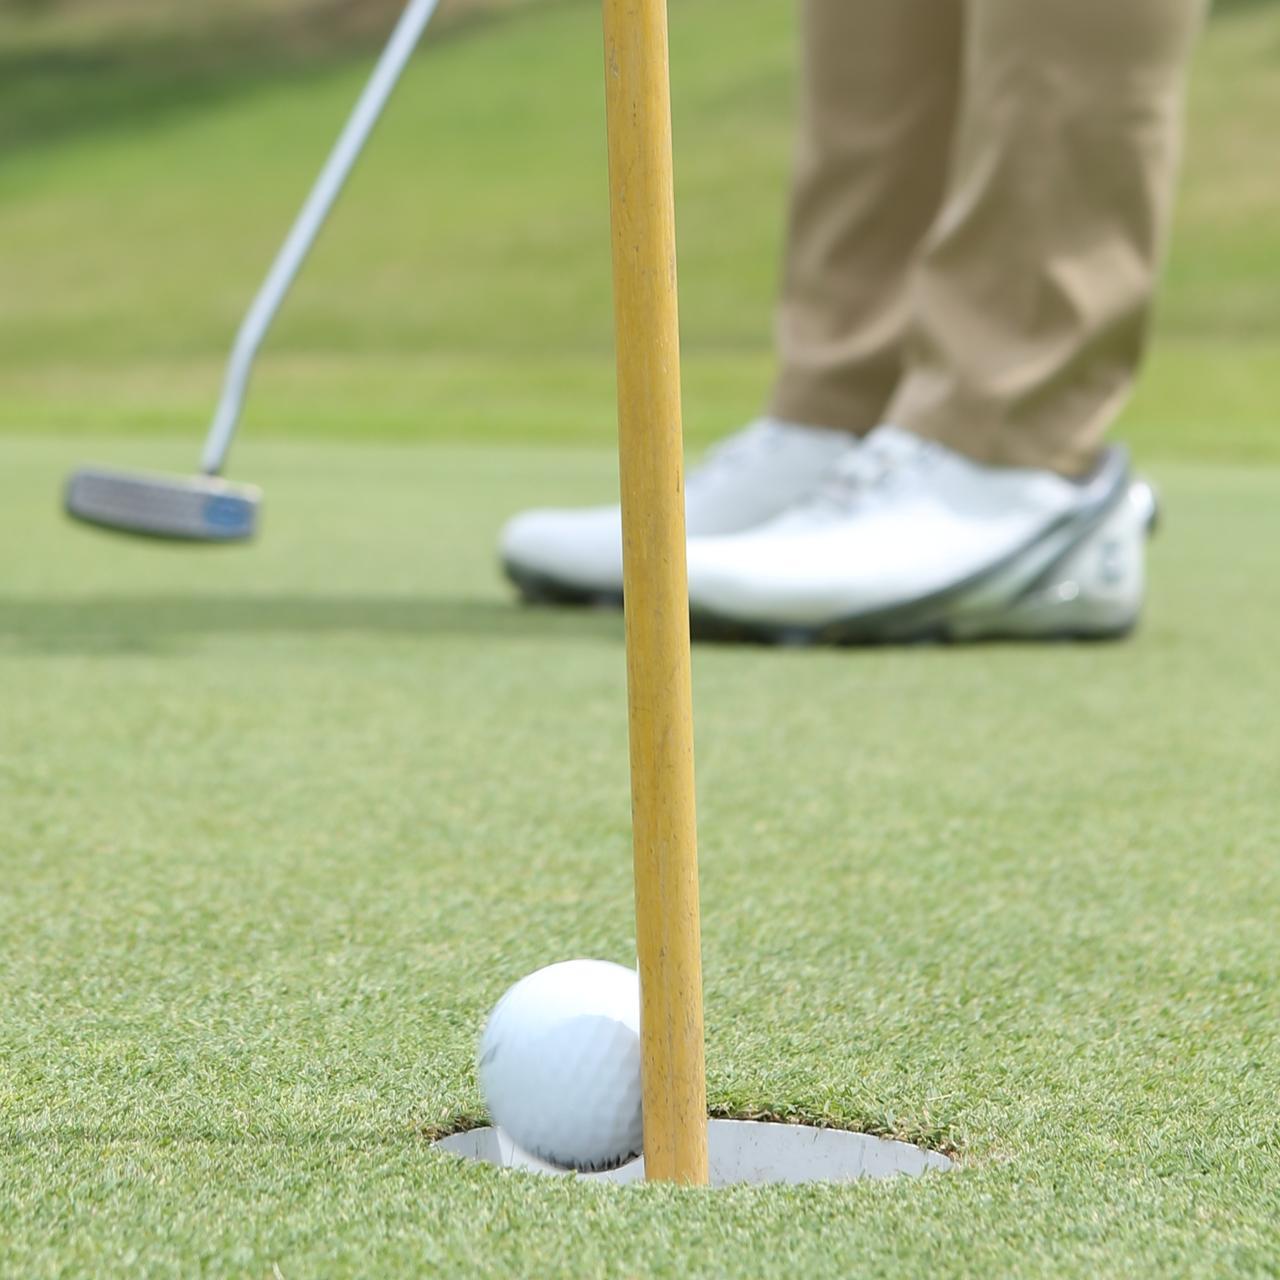 画像: ピンを差したままにすることで、様々なメリットがゴルファーにはありそう(撮影/野村知也)